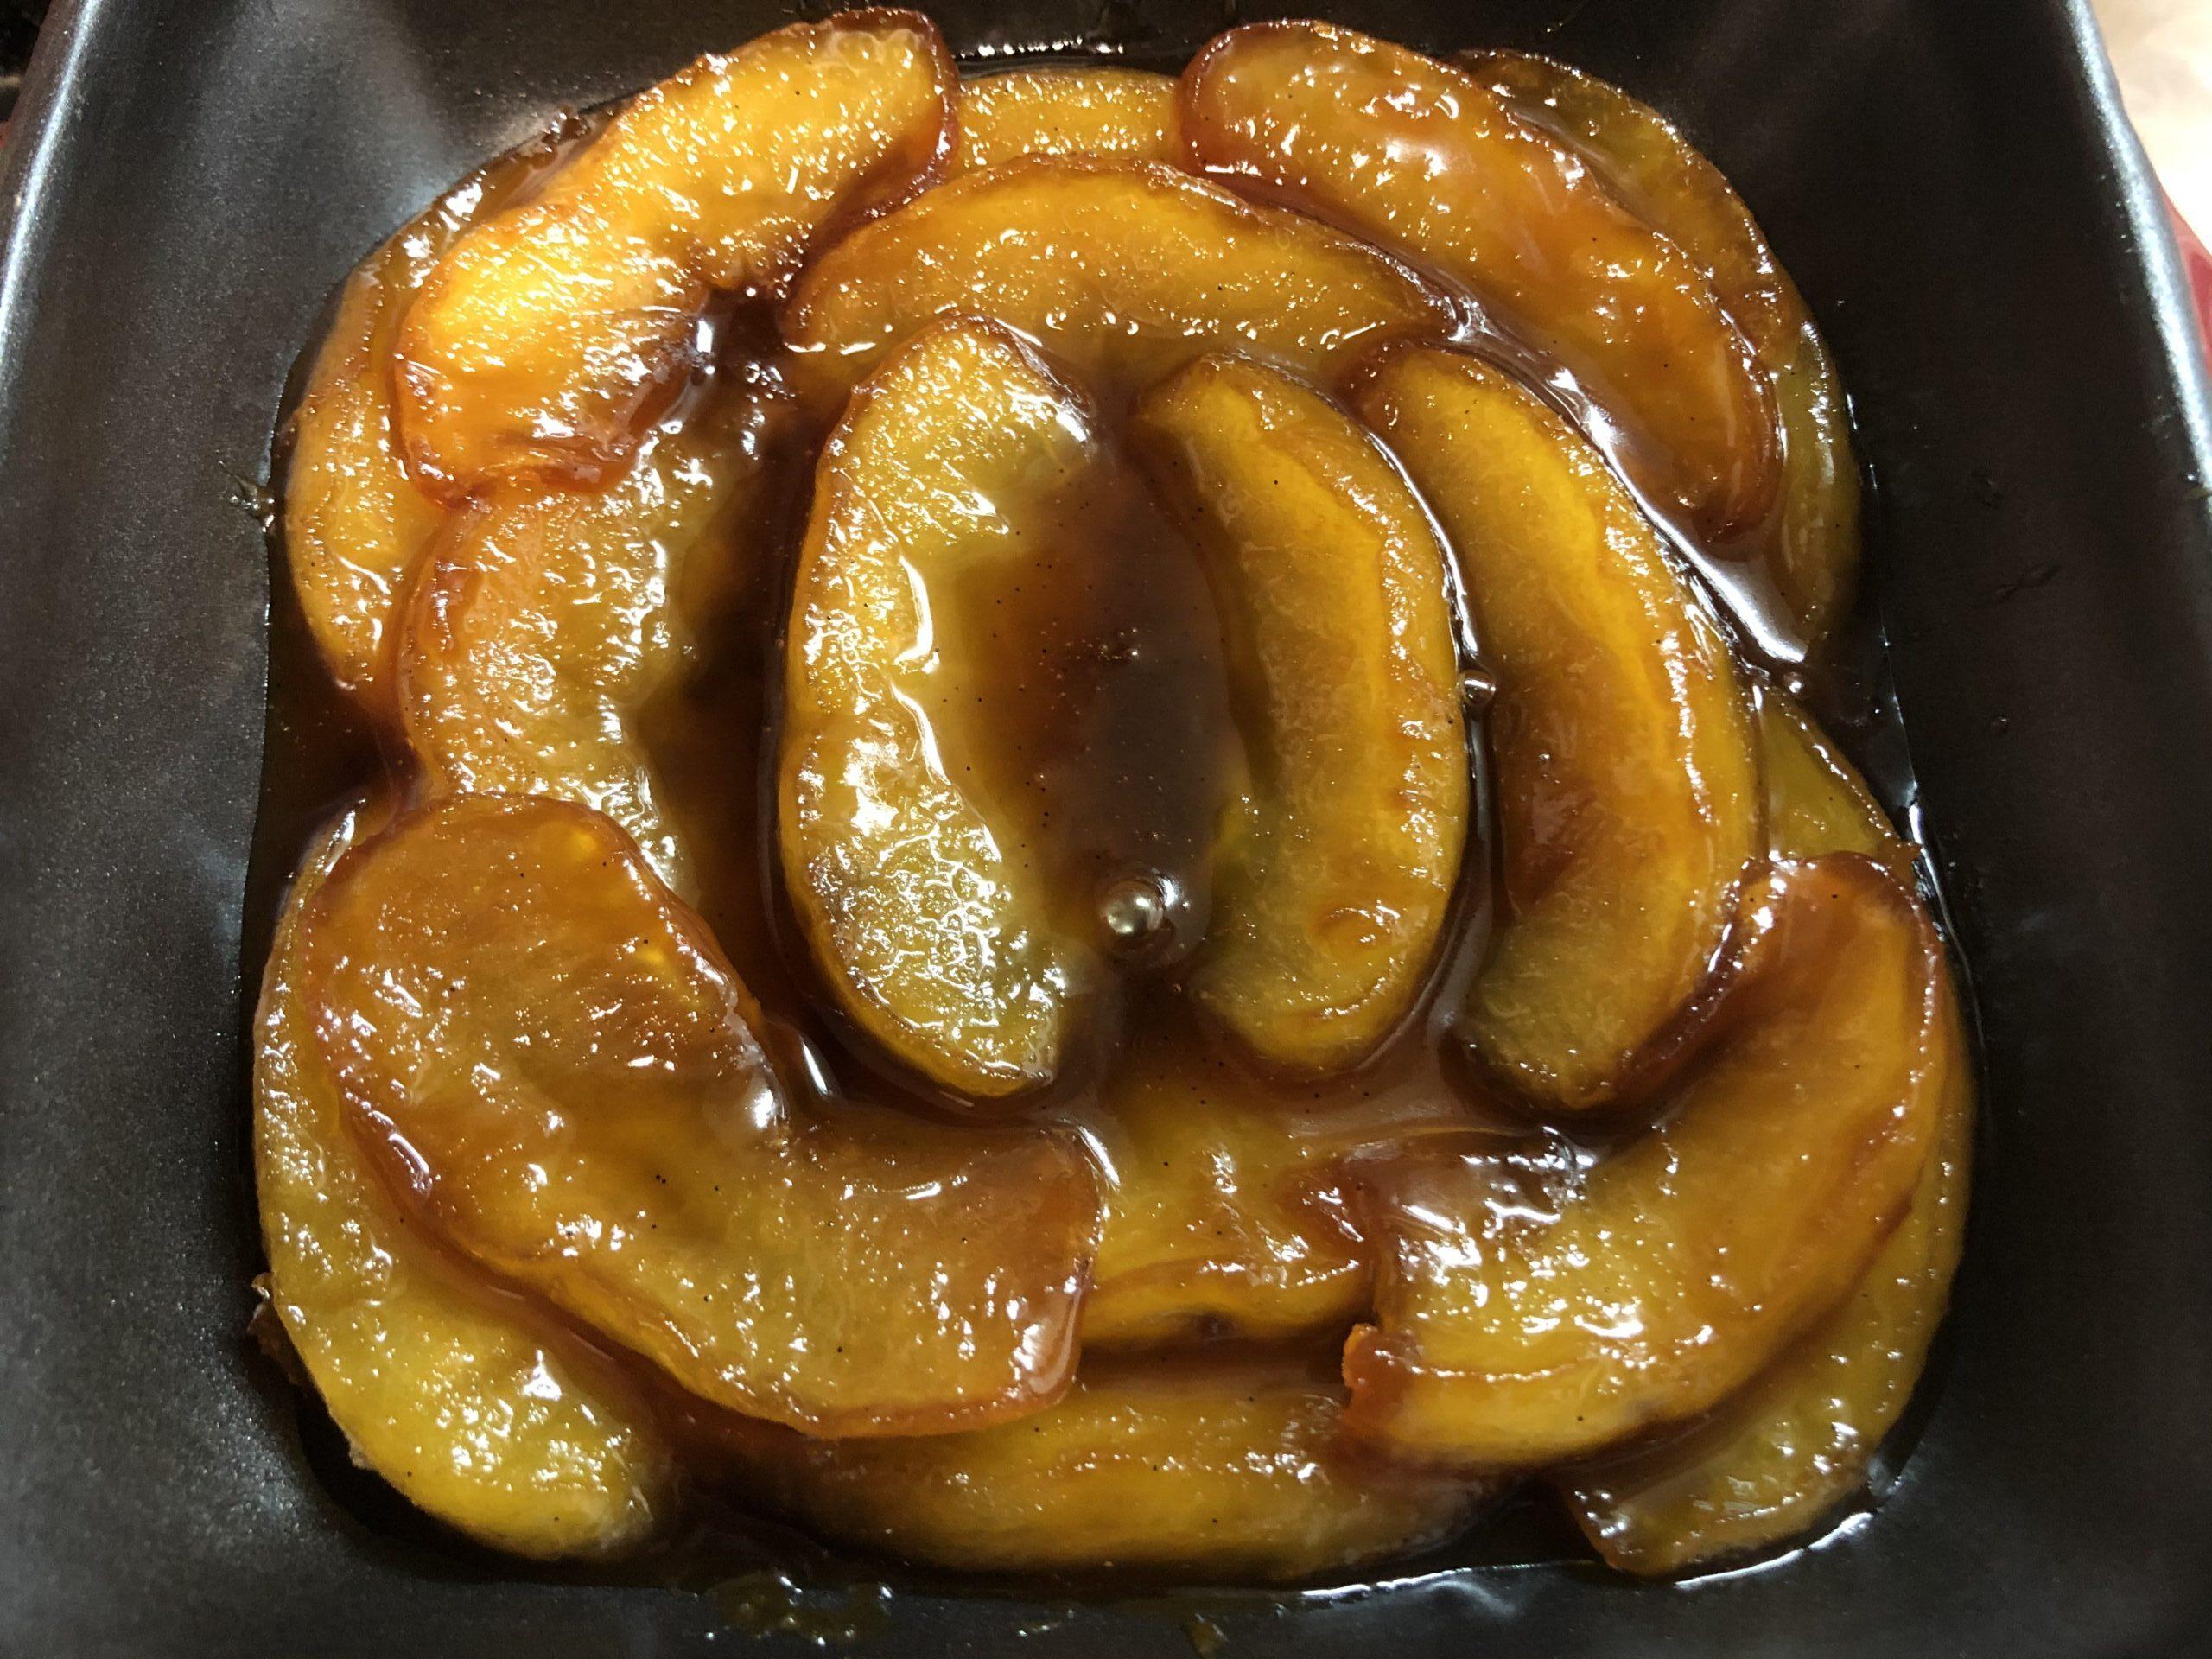 型にキャラメルで煮詰めたリンゴを敷き詰めた様子の画像です